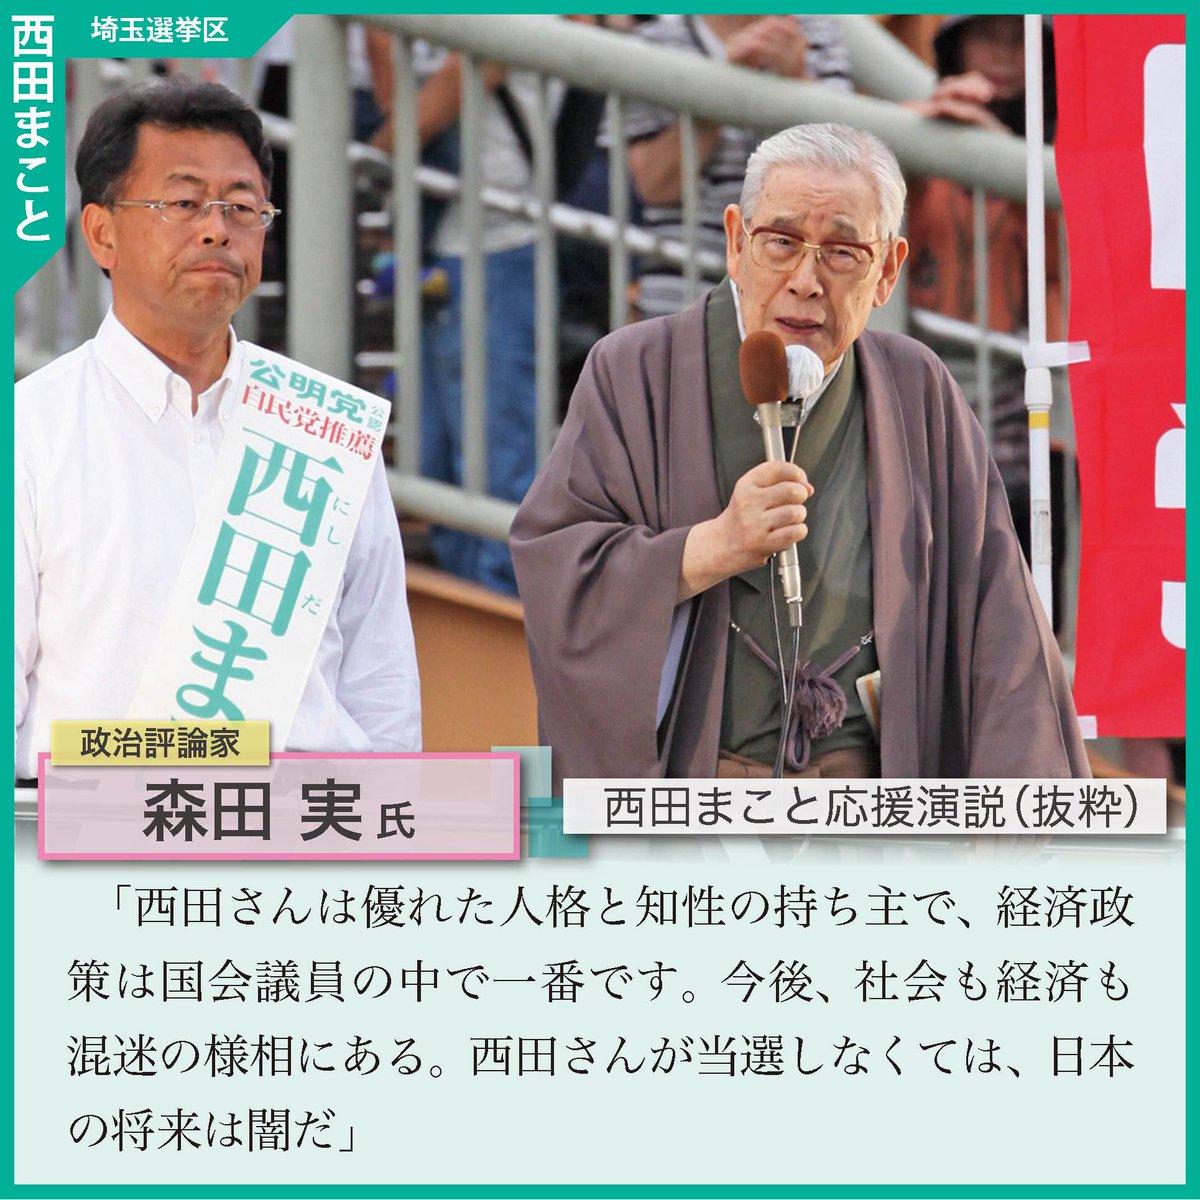 政治評論家・森田実氏 西田まこと 応援演説 「経済政策は西田さんが一番良い。当選しなくては日本の将来は闇だ」 #参議院選挙 #西田まこと #埼玉選挙区 https://t.co/Czeo0xNBJm